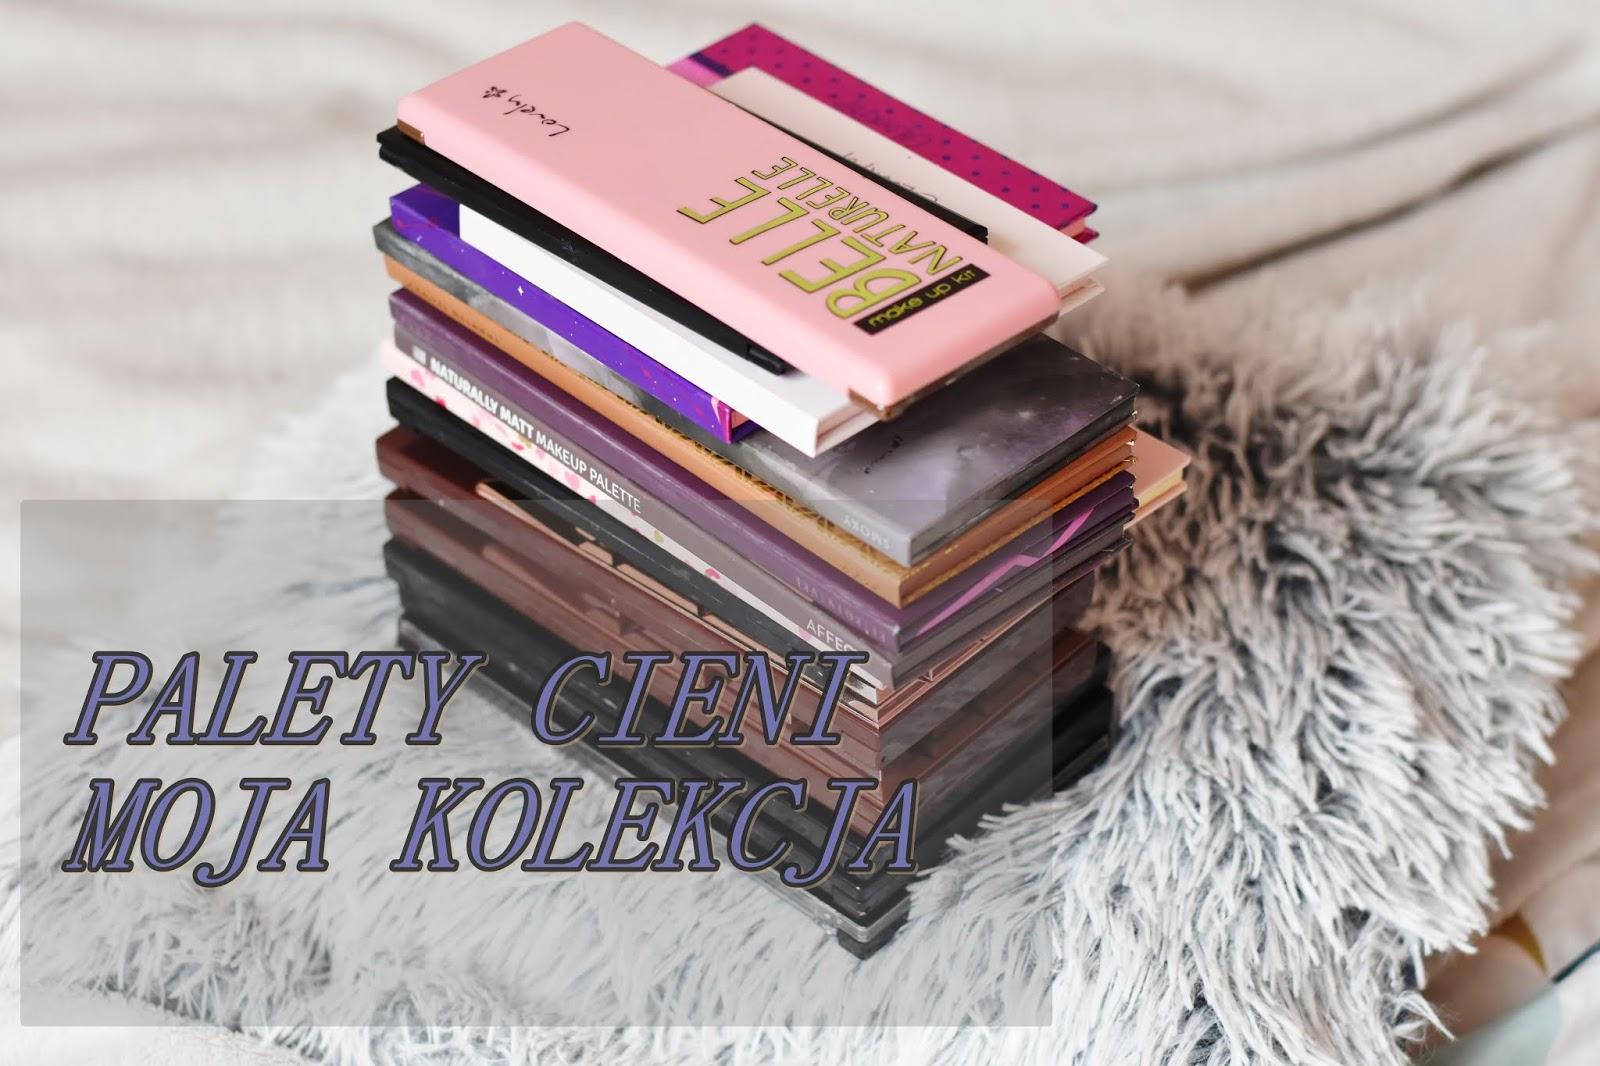 PALETY CIENI - MOJA KOLEKCJA